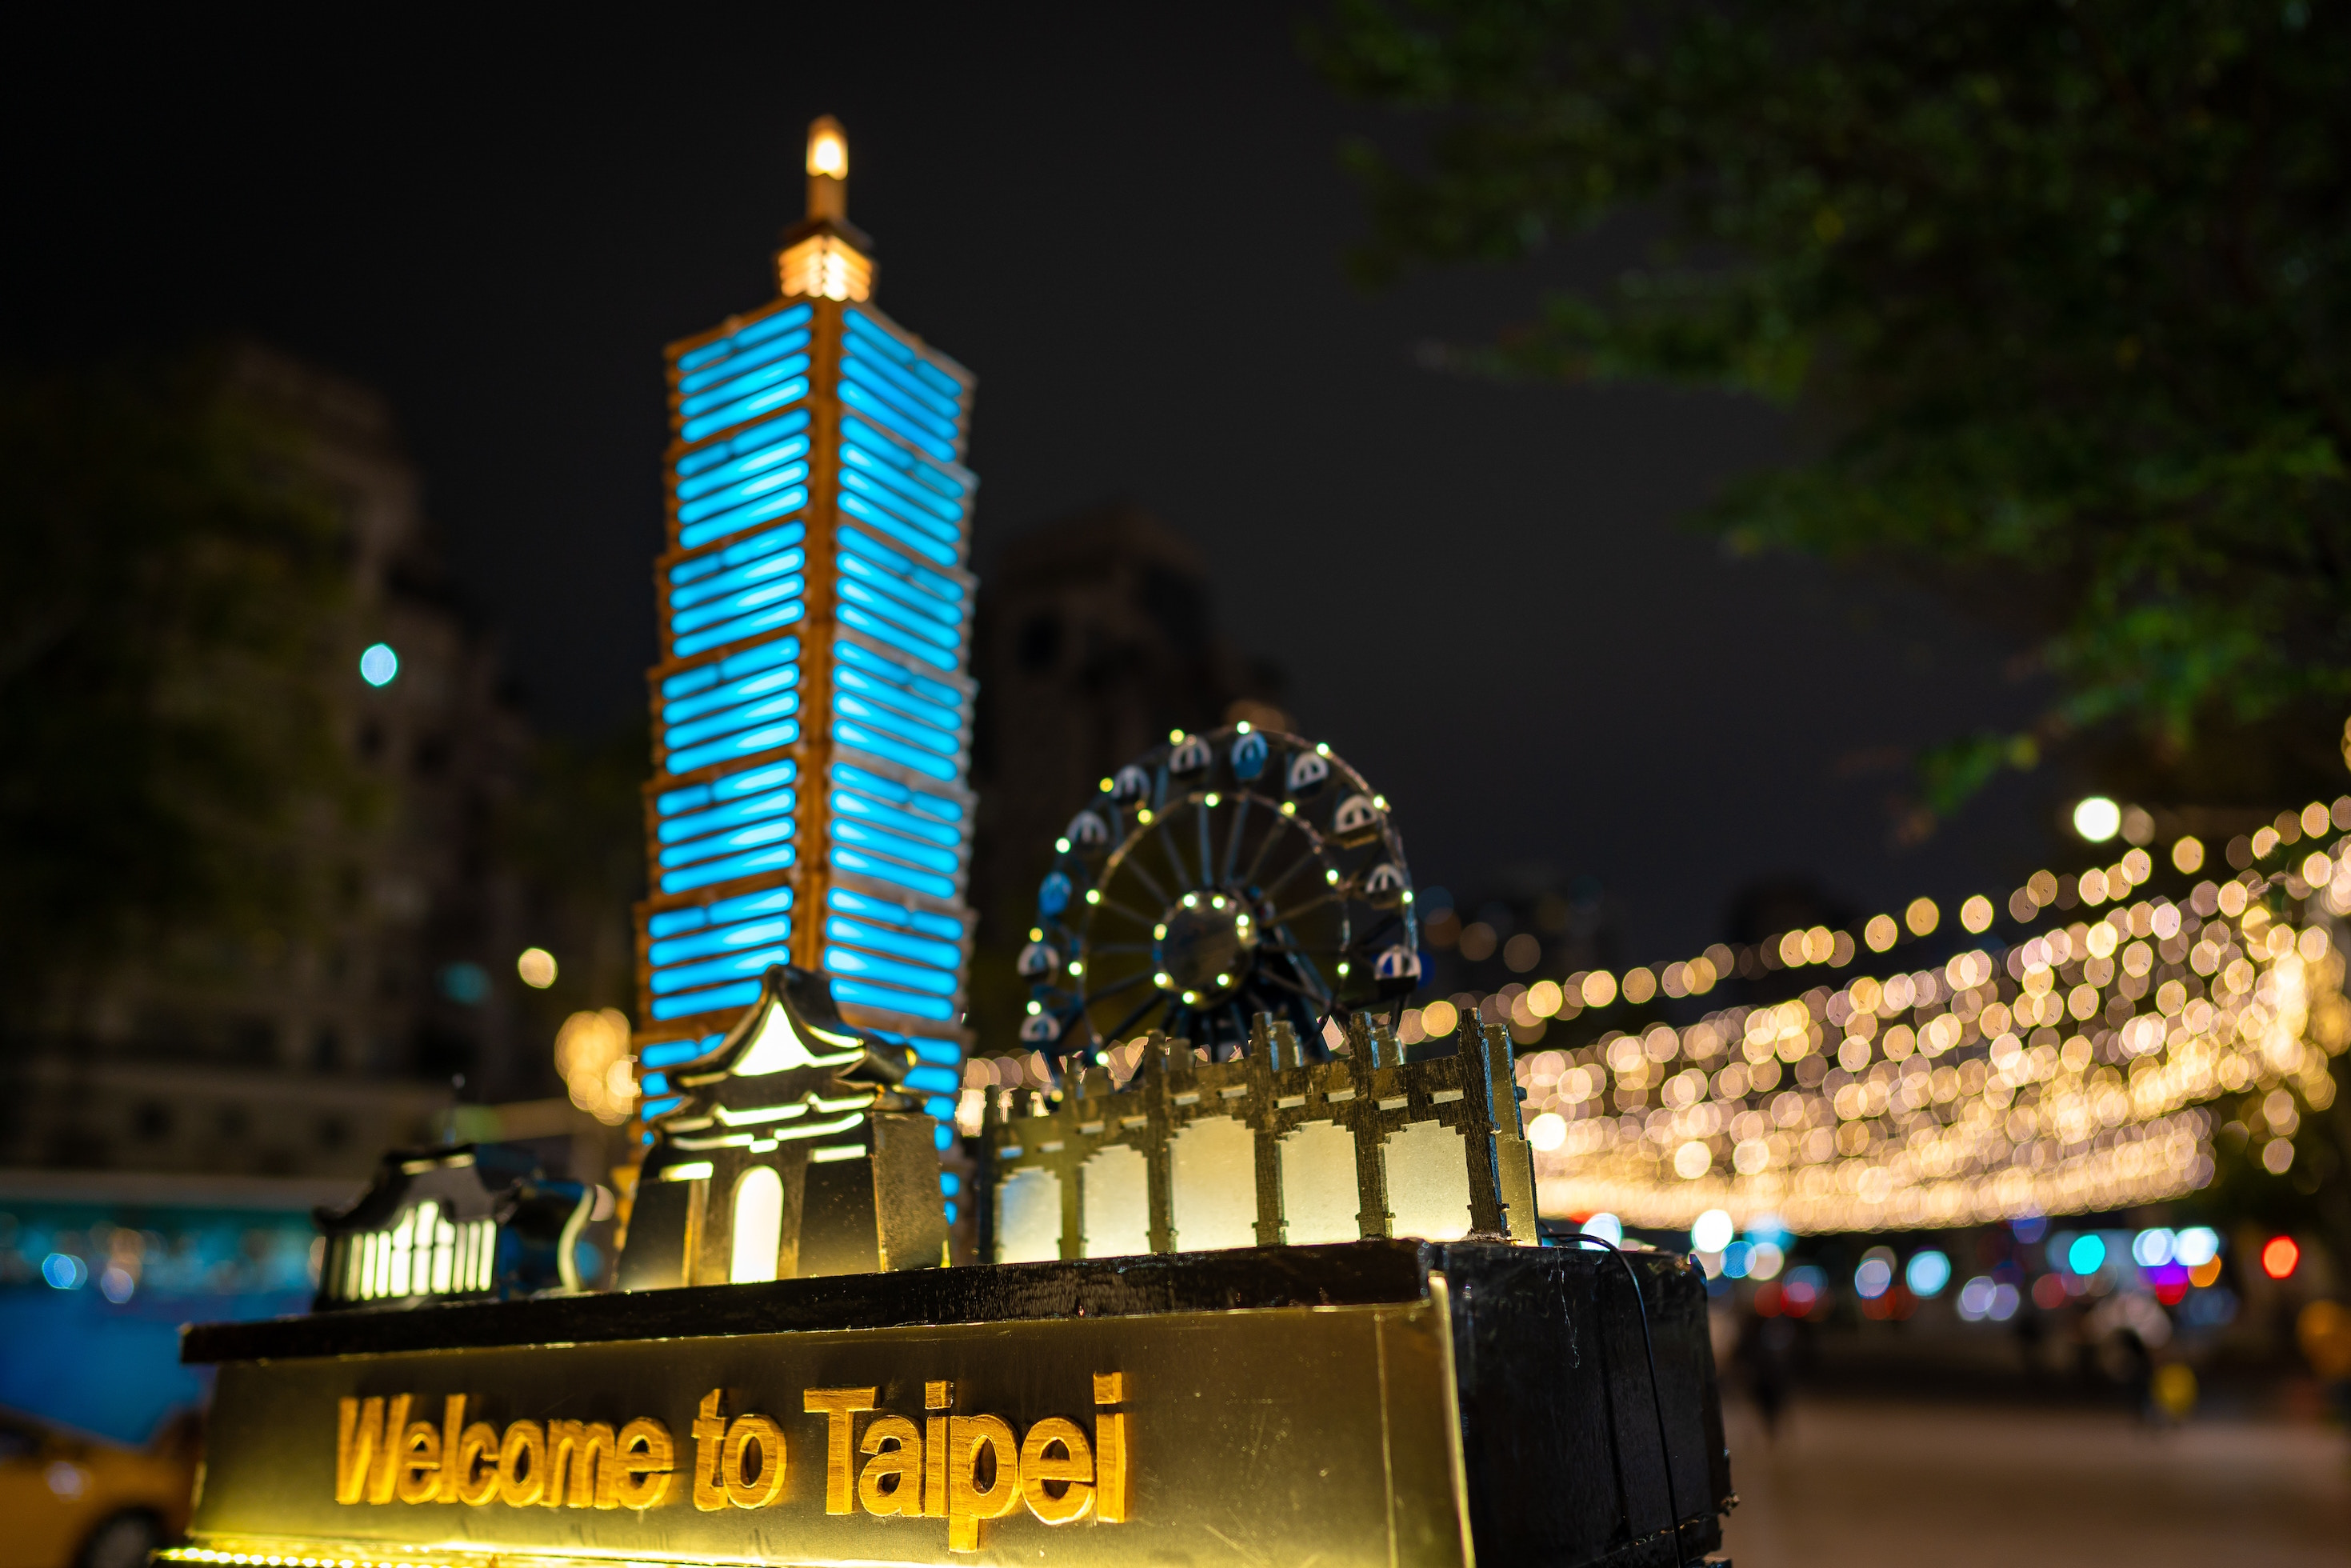 松江南京の人気観光スポットまとめ!夜市のおすすめグルメも紹介!